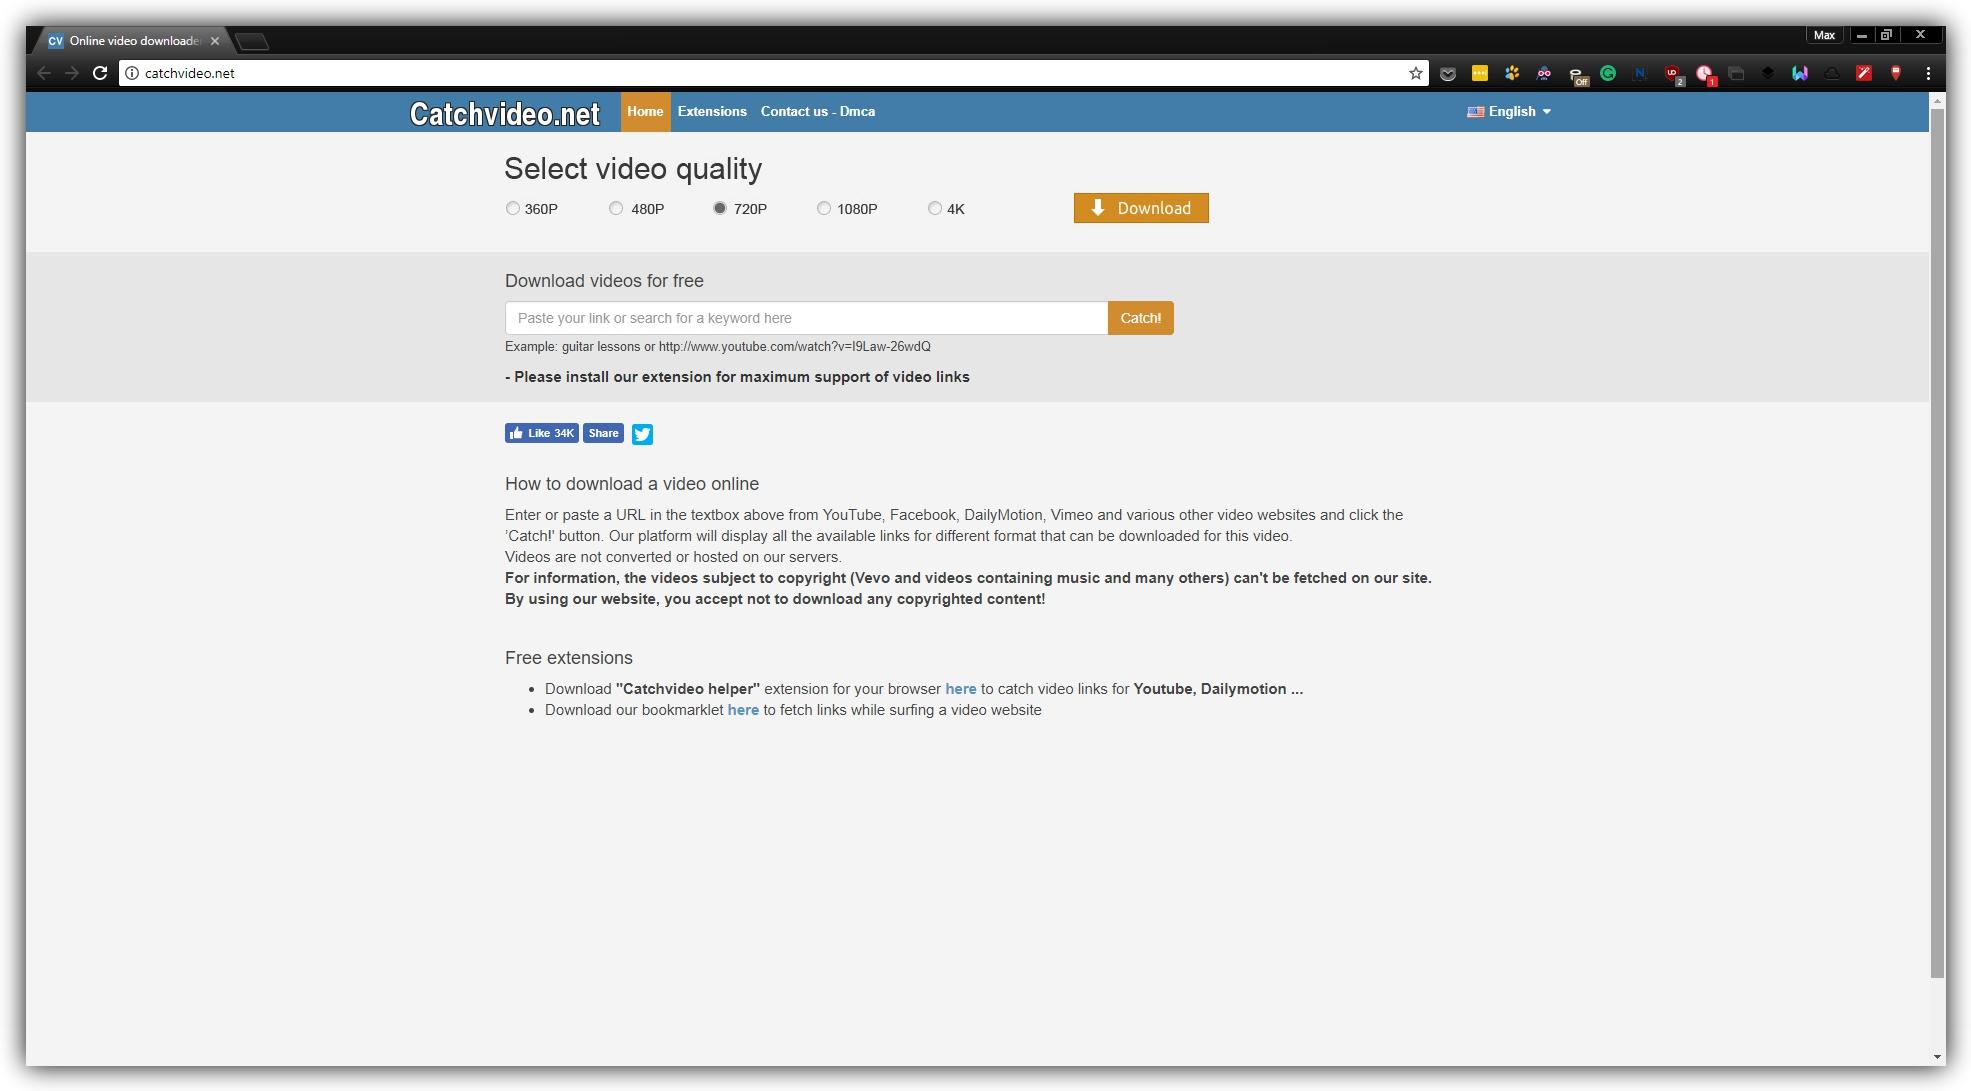 Как скачать видео без программ: Catchvideo.net